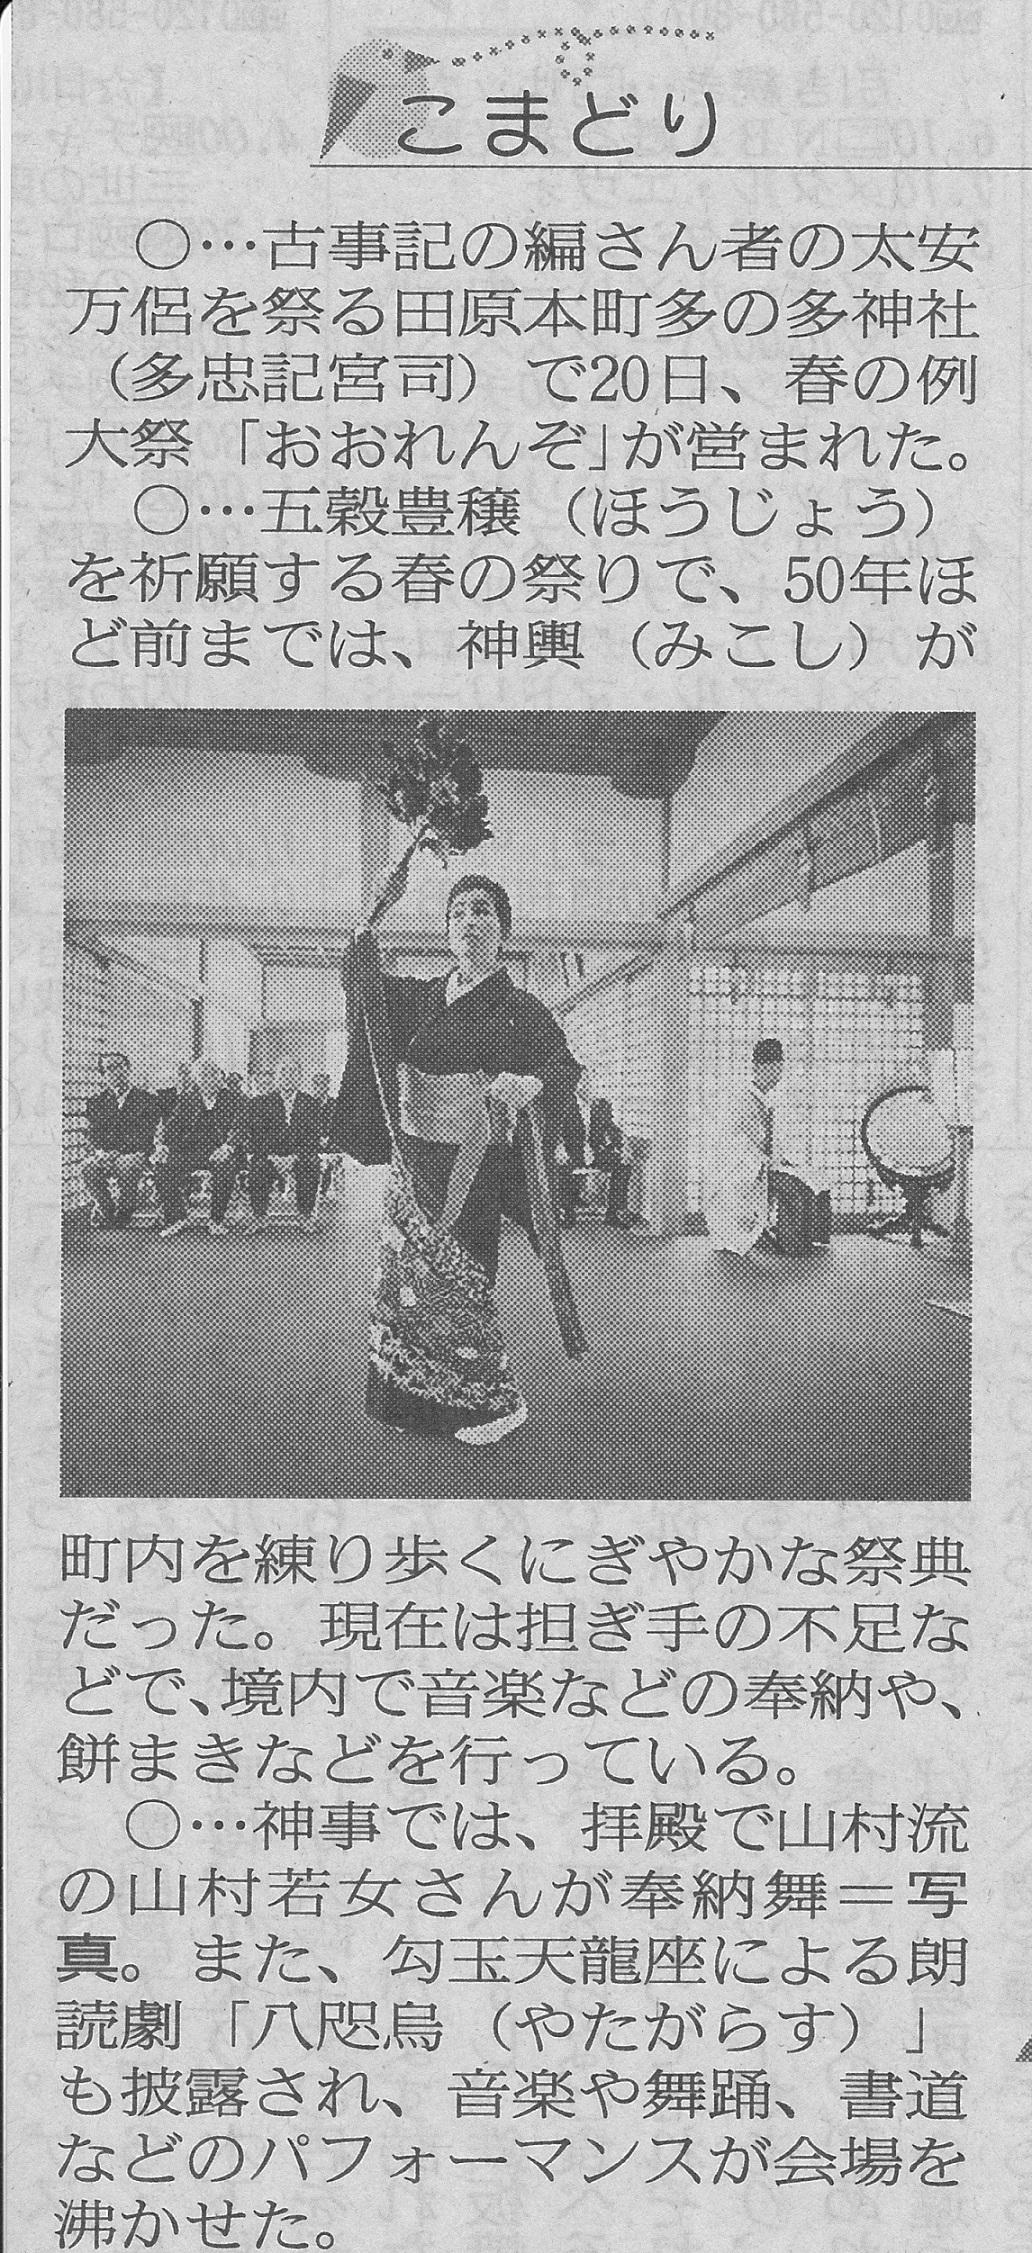 奈良新聞掲載・2014・4・21(多神社奉納)